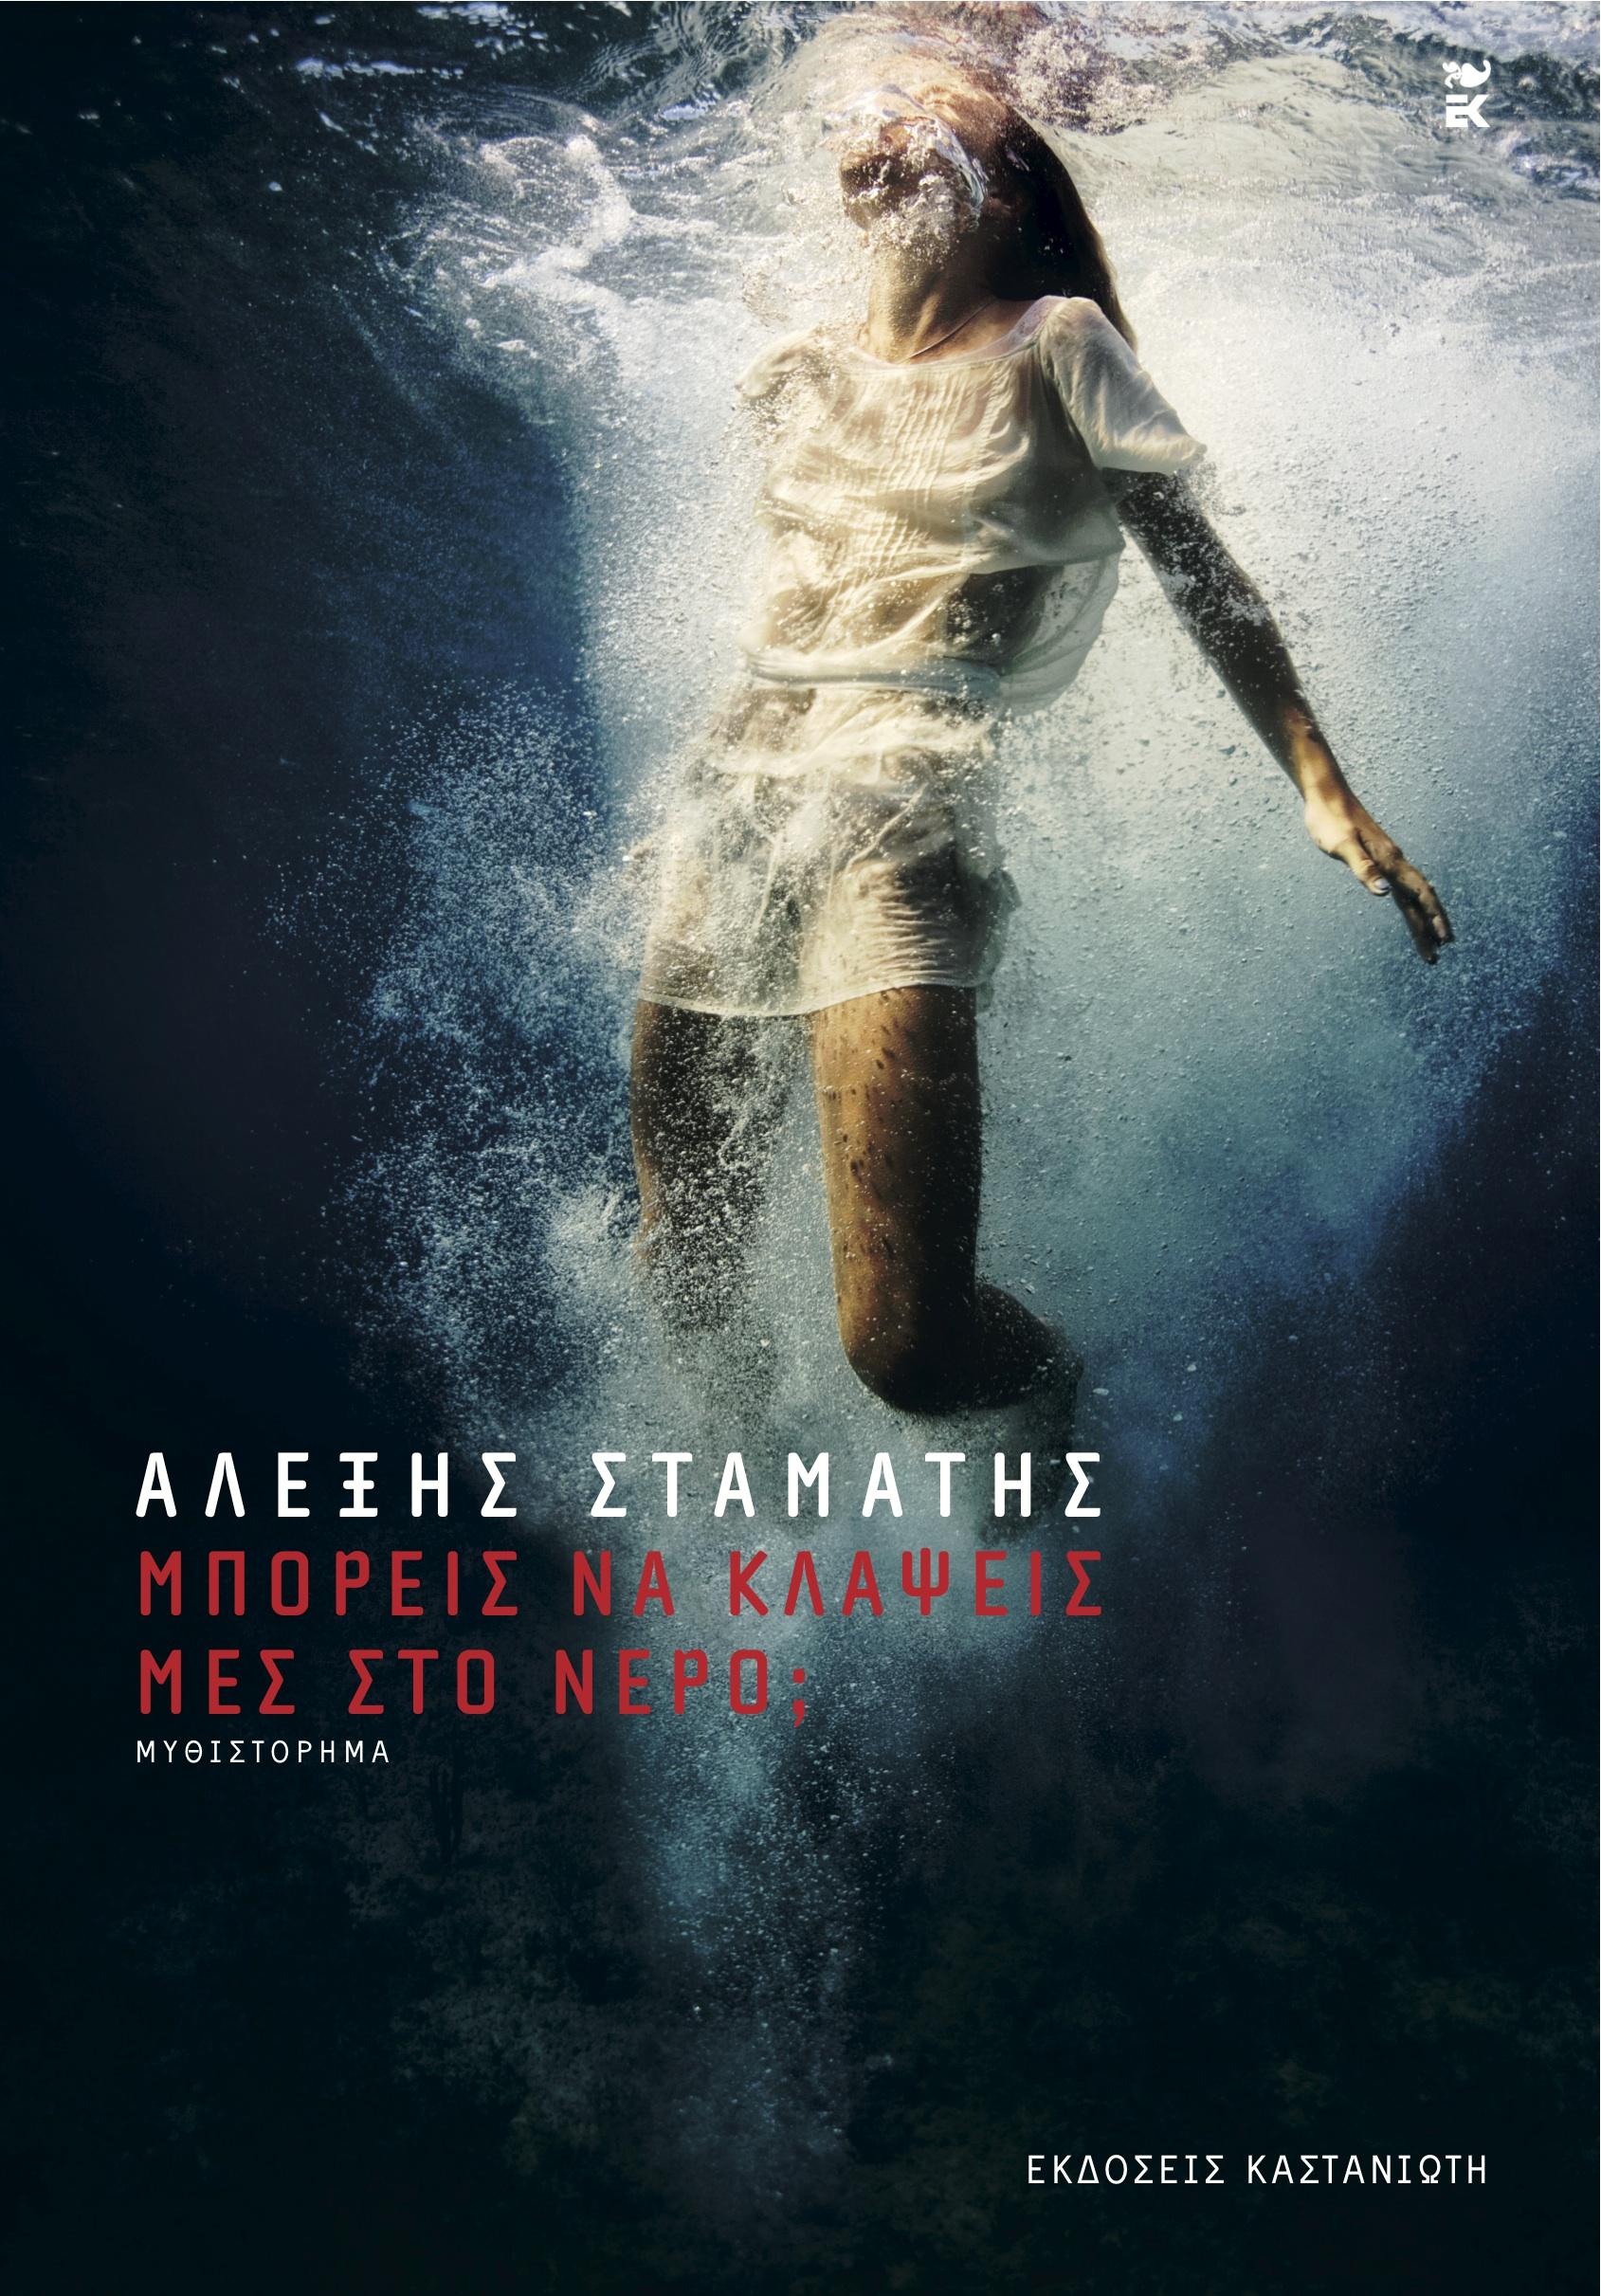 Τα 5 αγαπημένα βιβλία του Αλέξη Σταμάτη; thumbnail